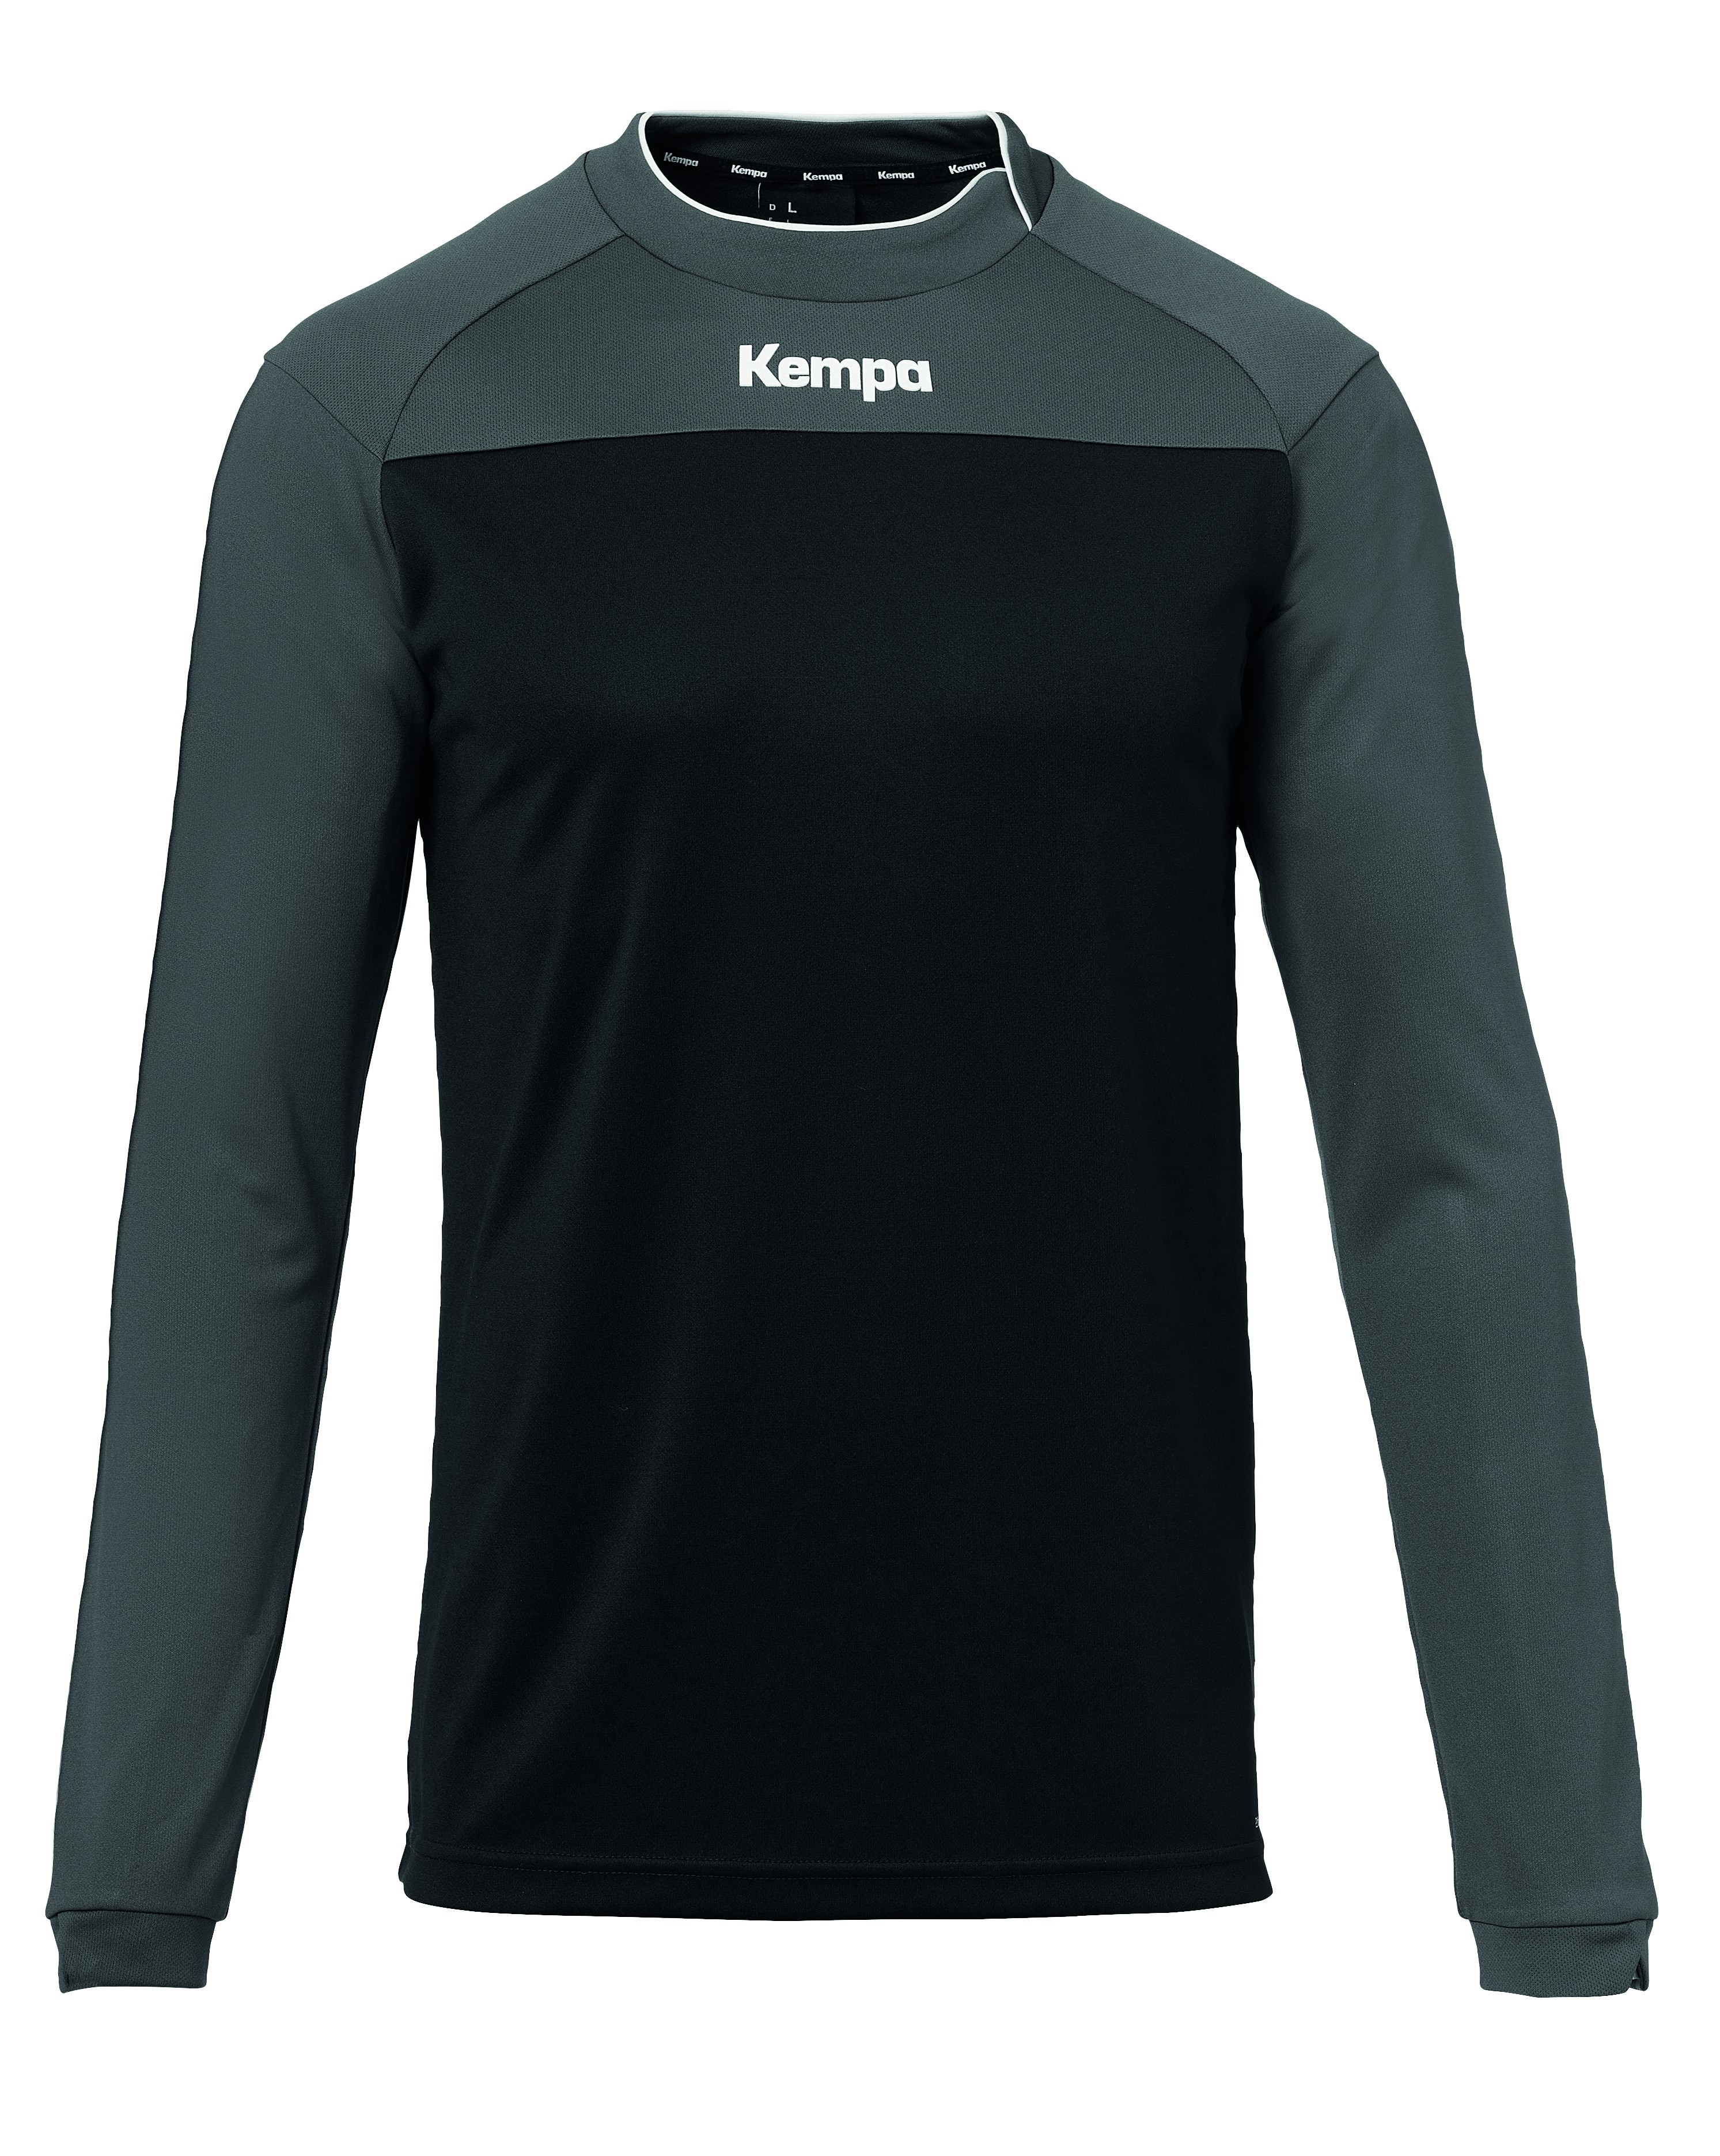 Kempa Prime Langarmshirt, 152 2002293